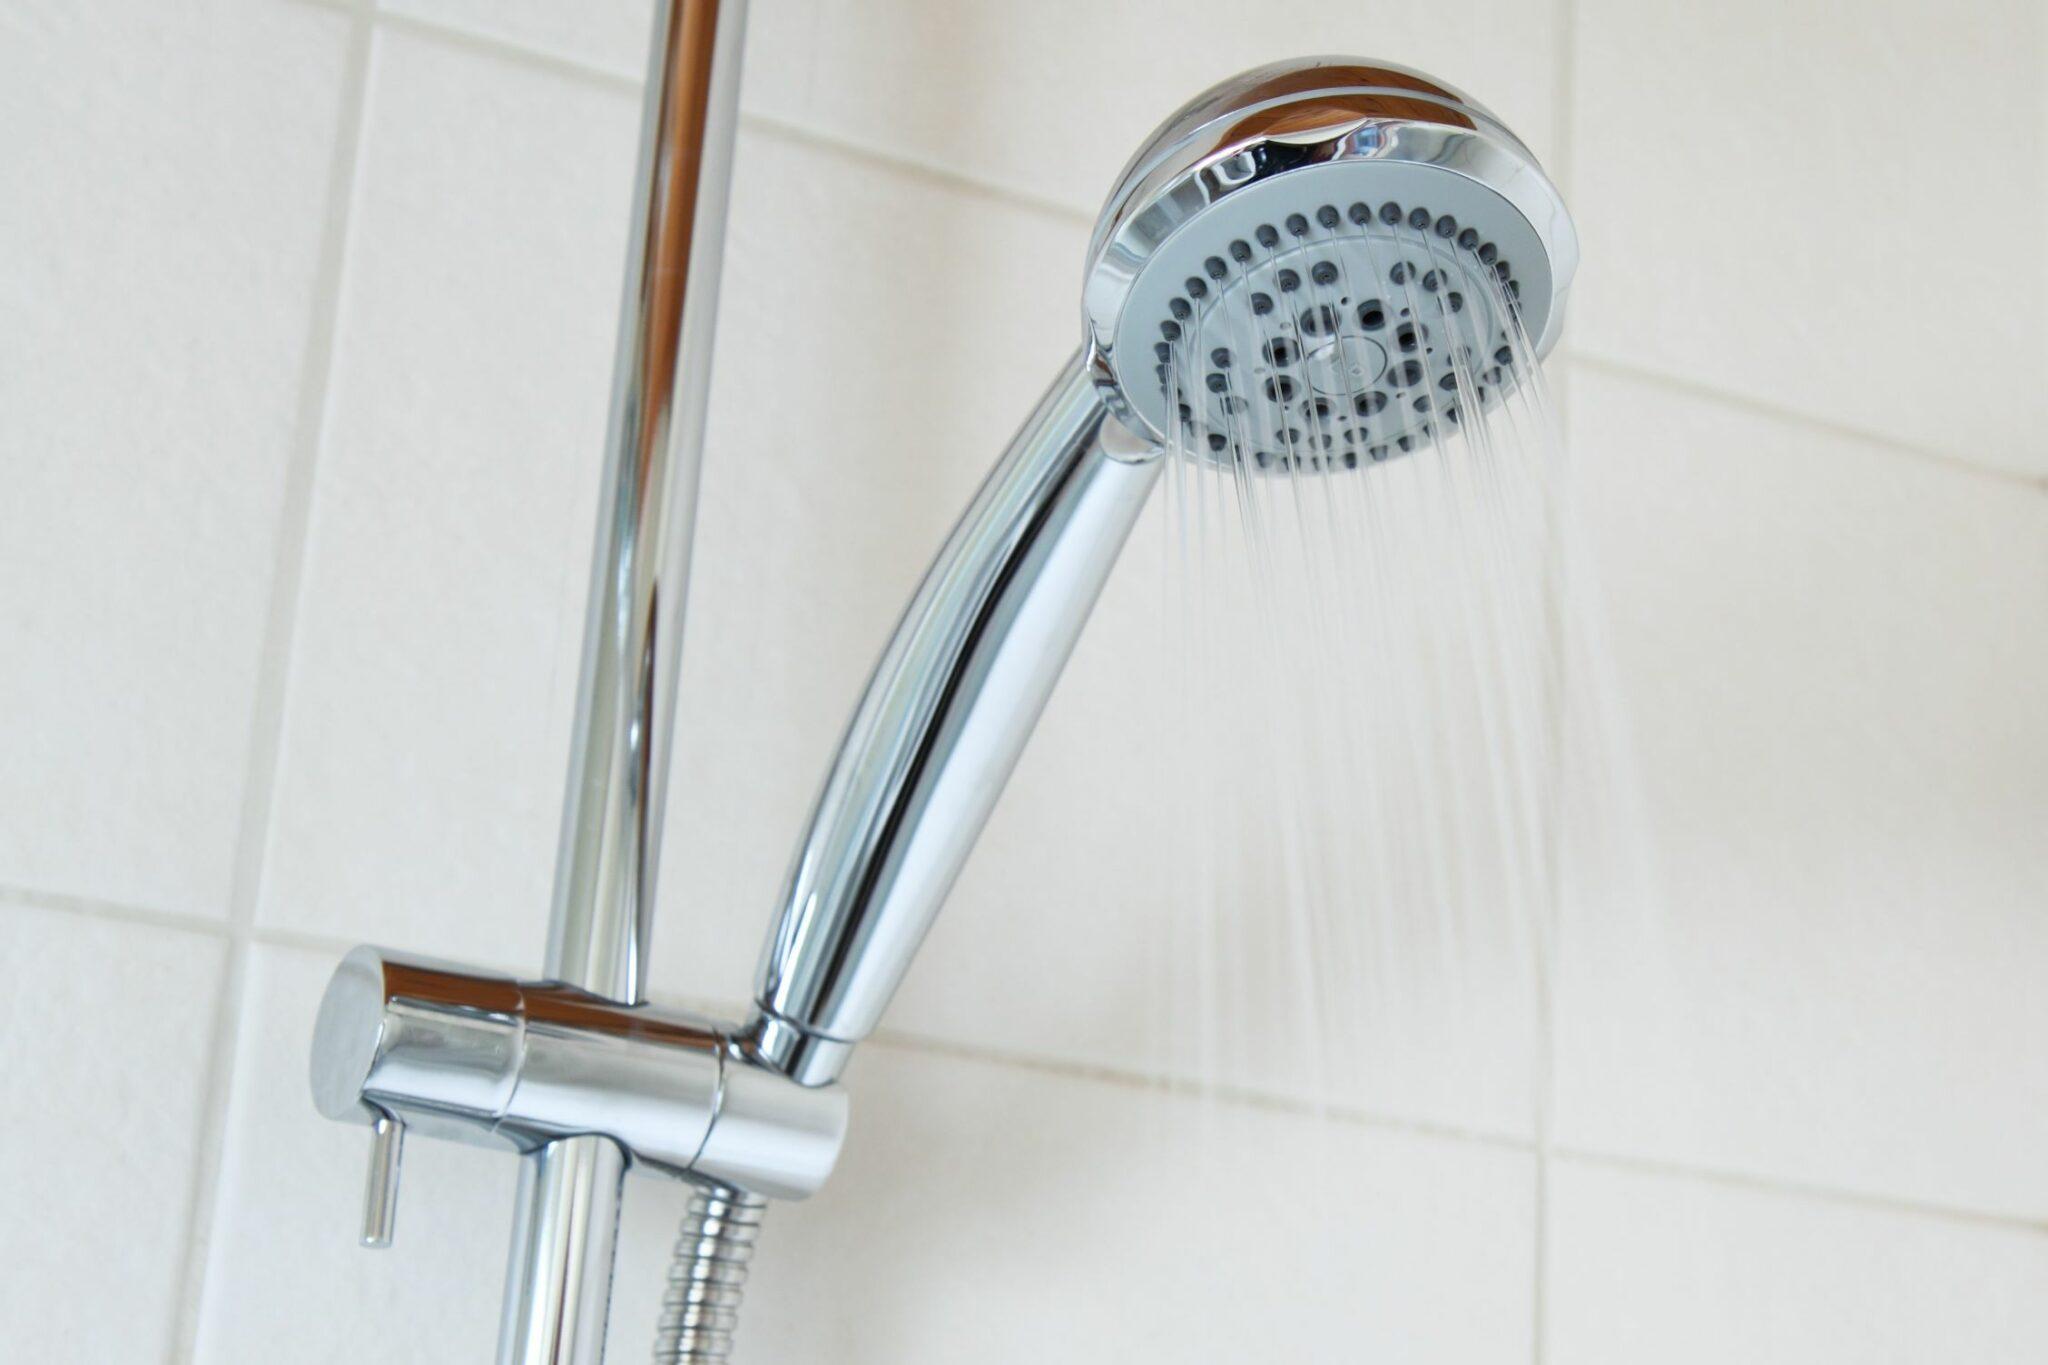 watersense shower head